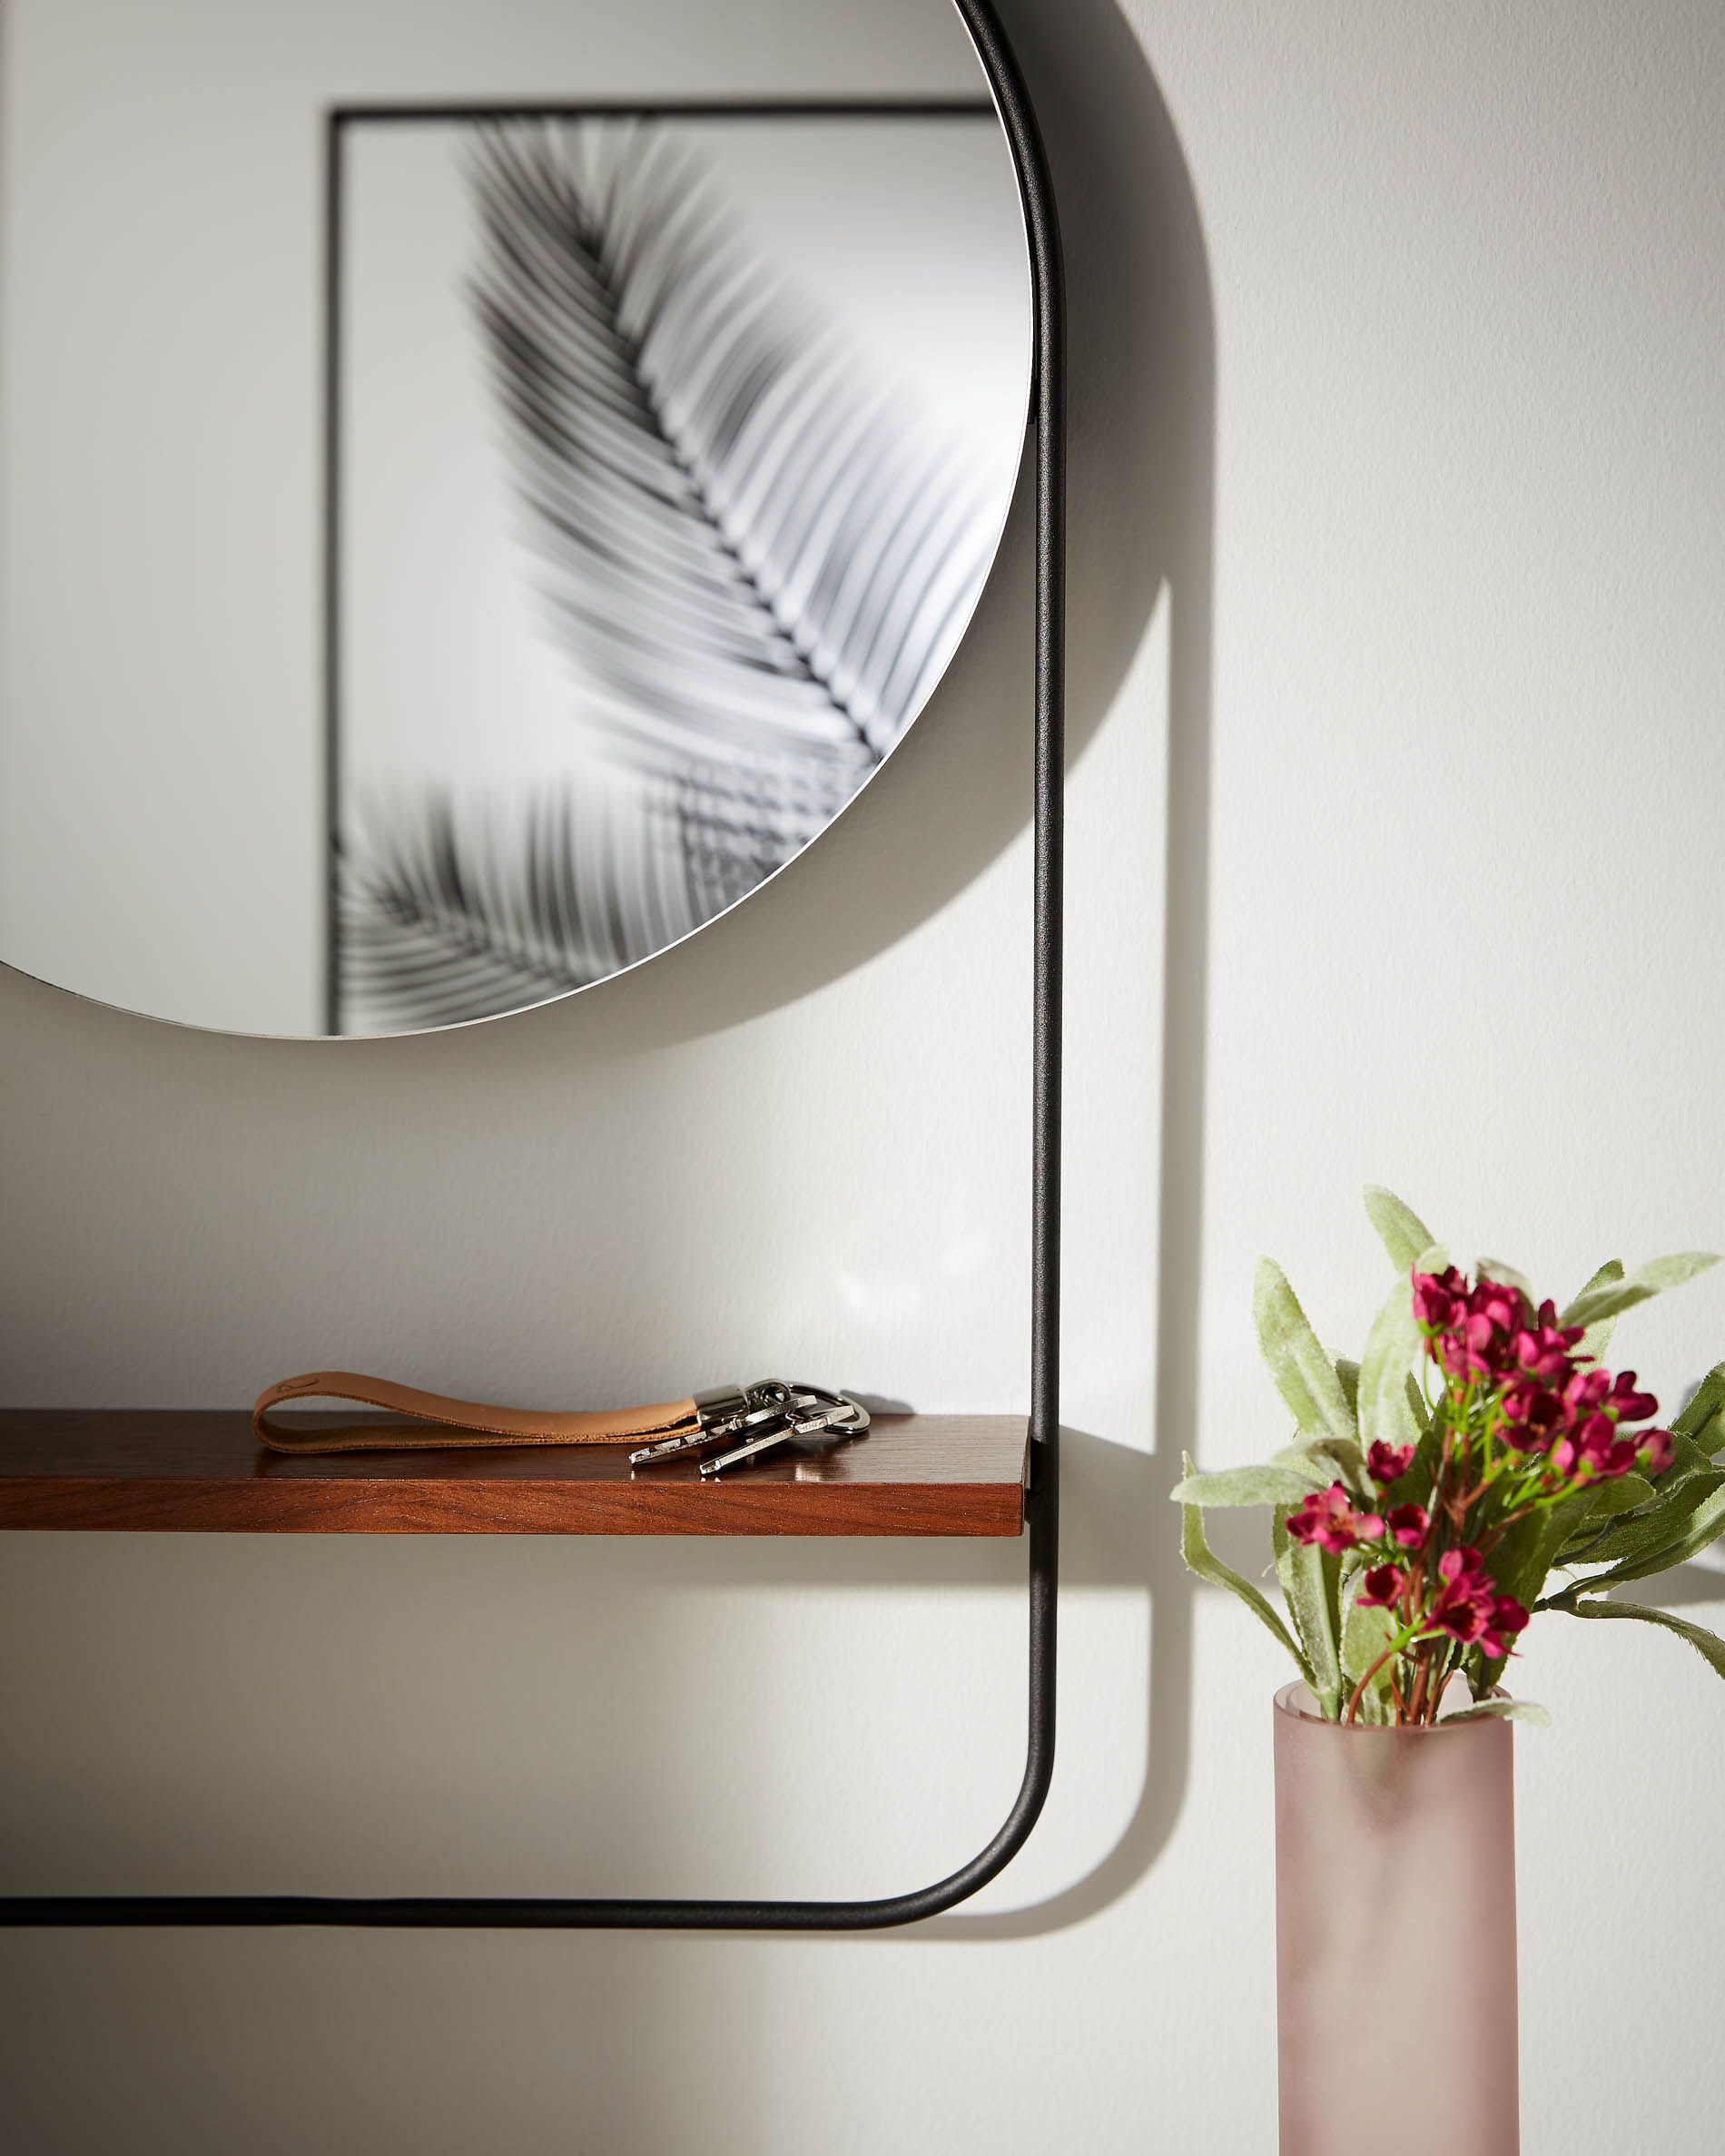 Espejo redondo con estantería incorporada